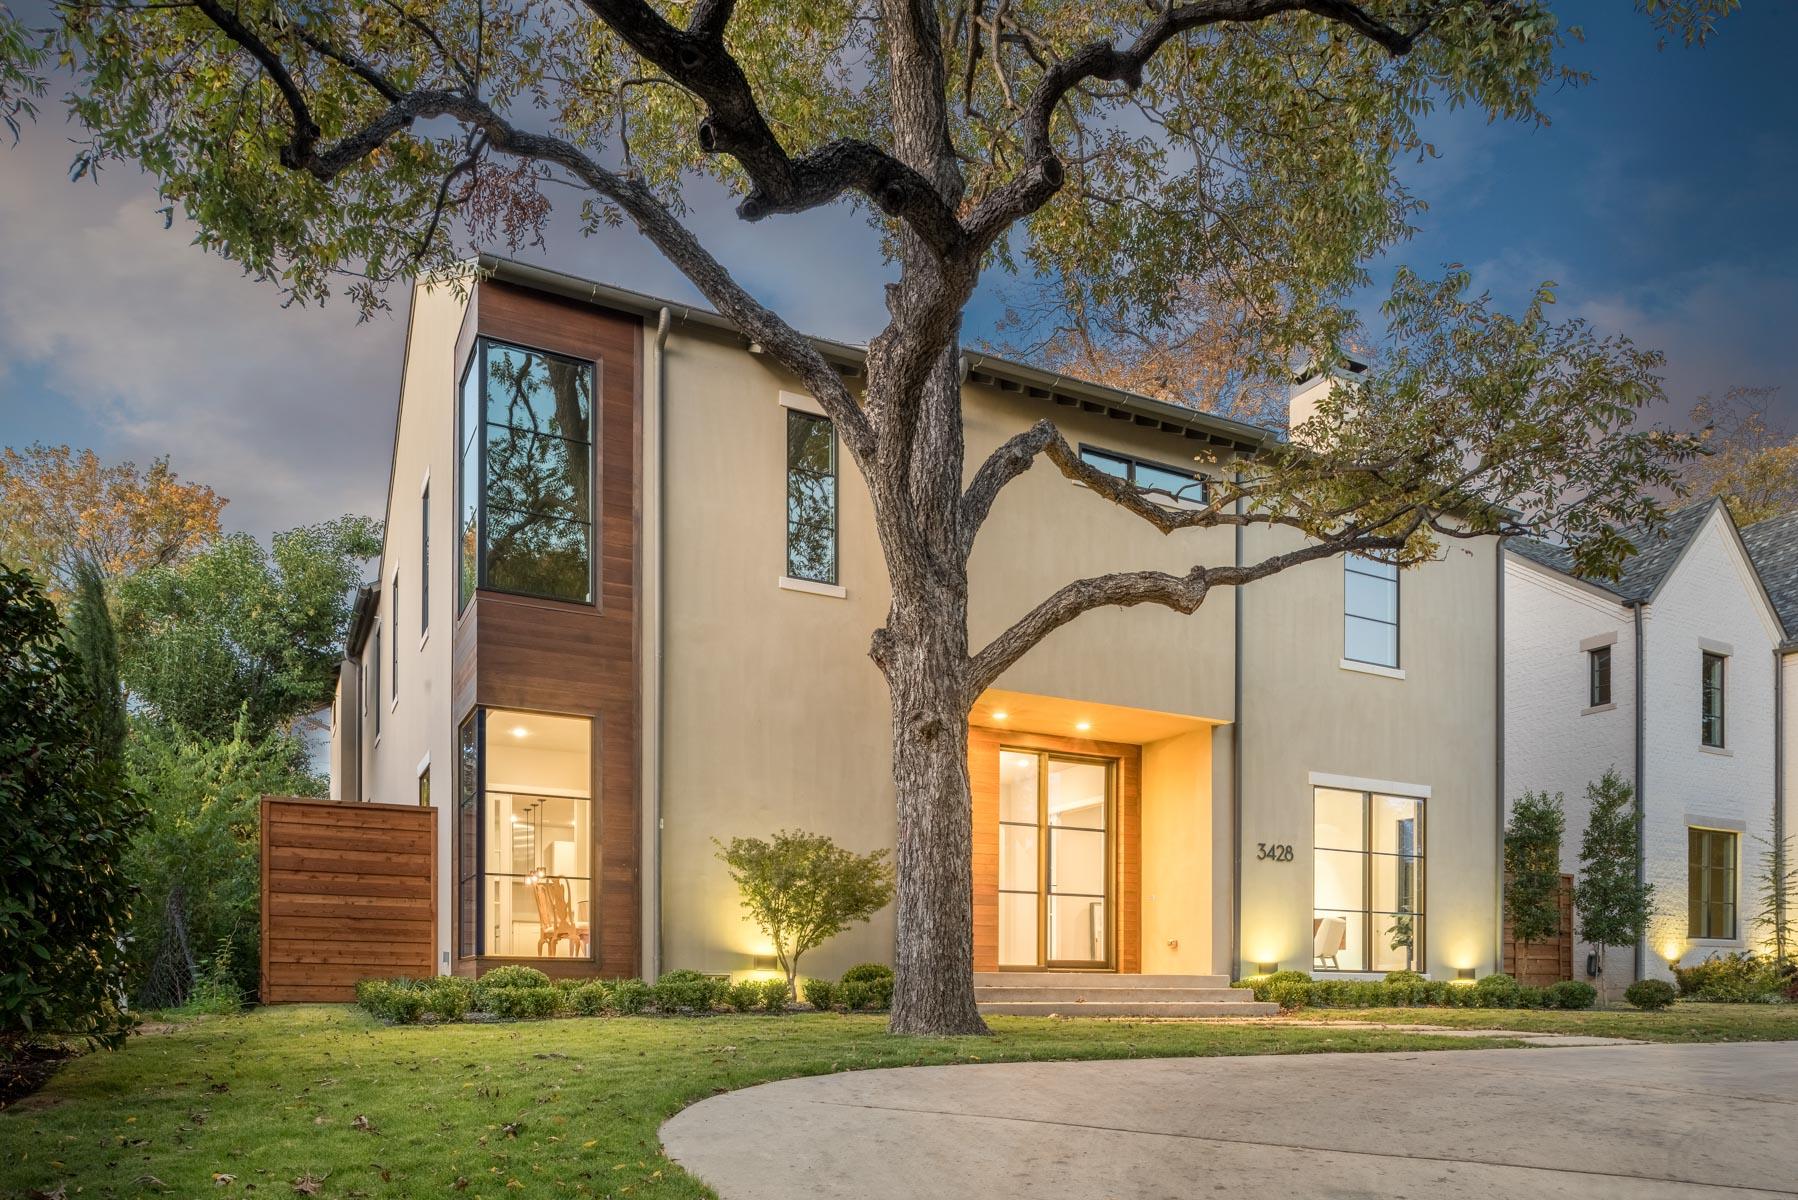 Maison unifamiliale pour l Vente à Modern Luxury 3428 University Boulevard Dallas, Texas 75205 États-Unis